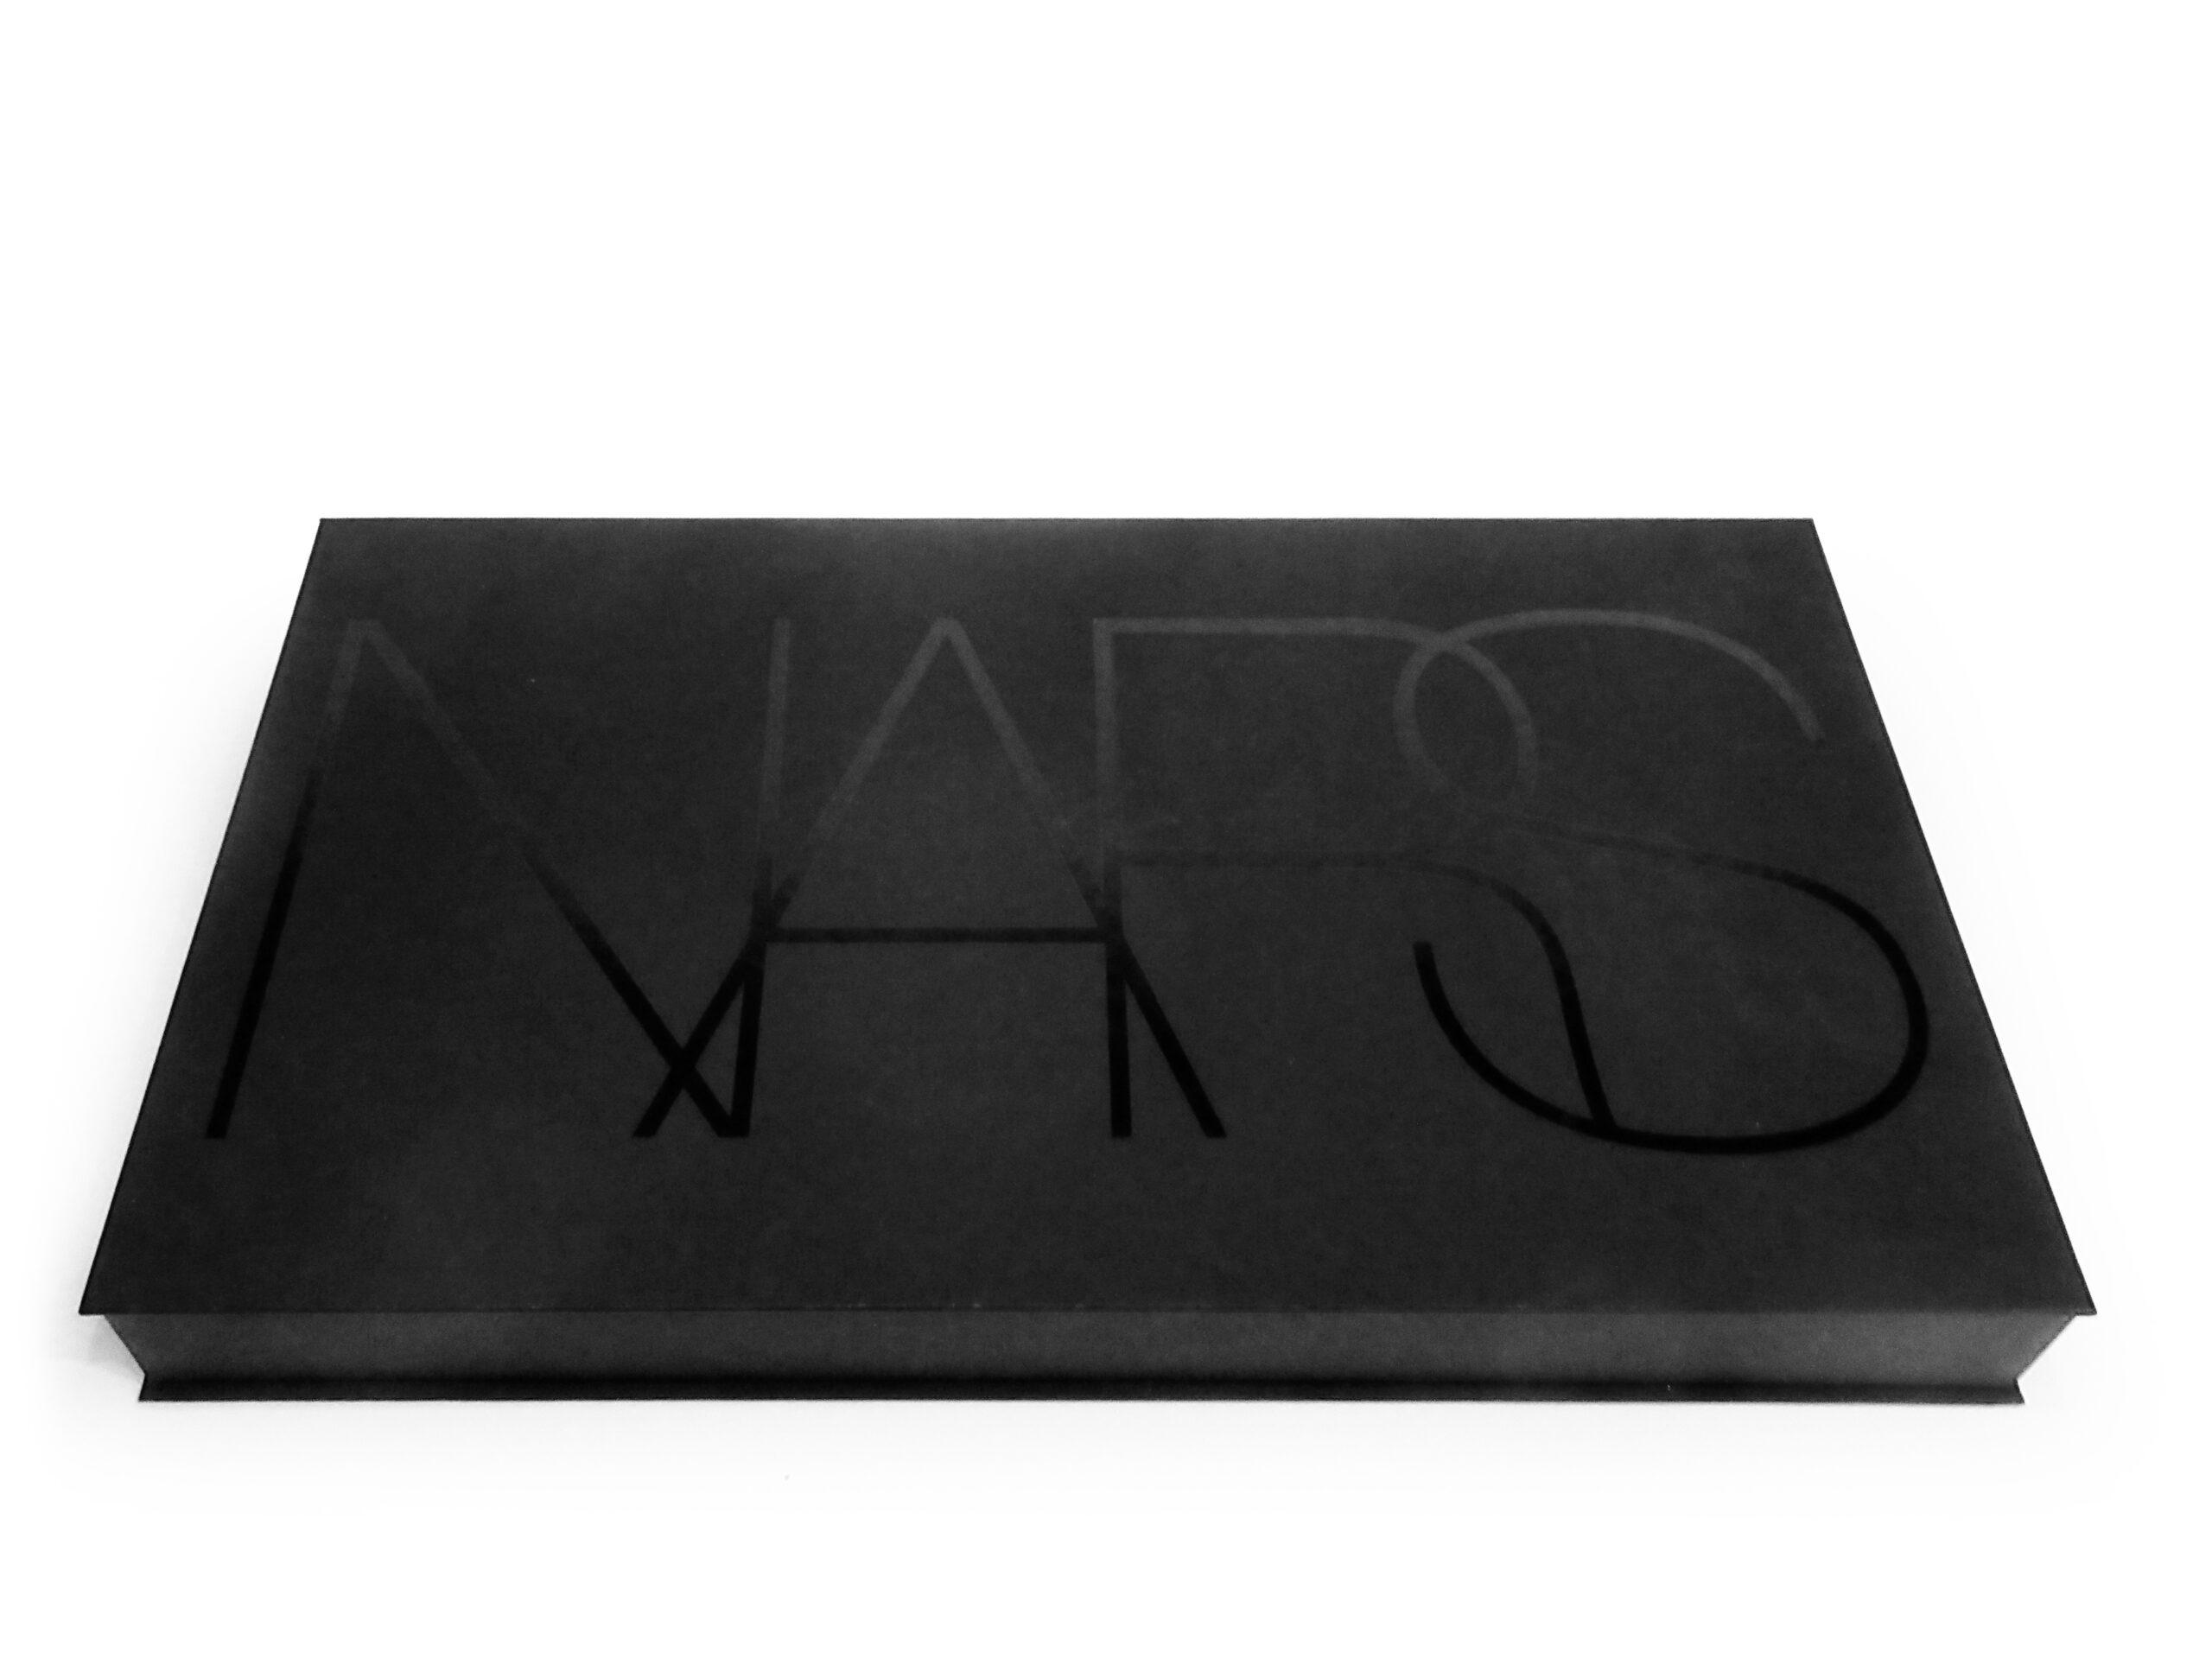 NARS Sheer Glow Custom Packaging Box Design and Printing